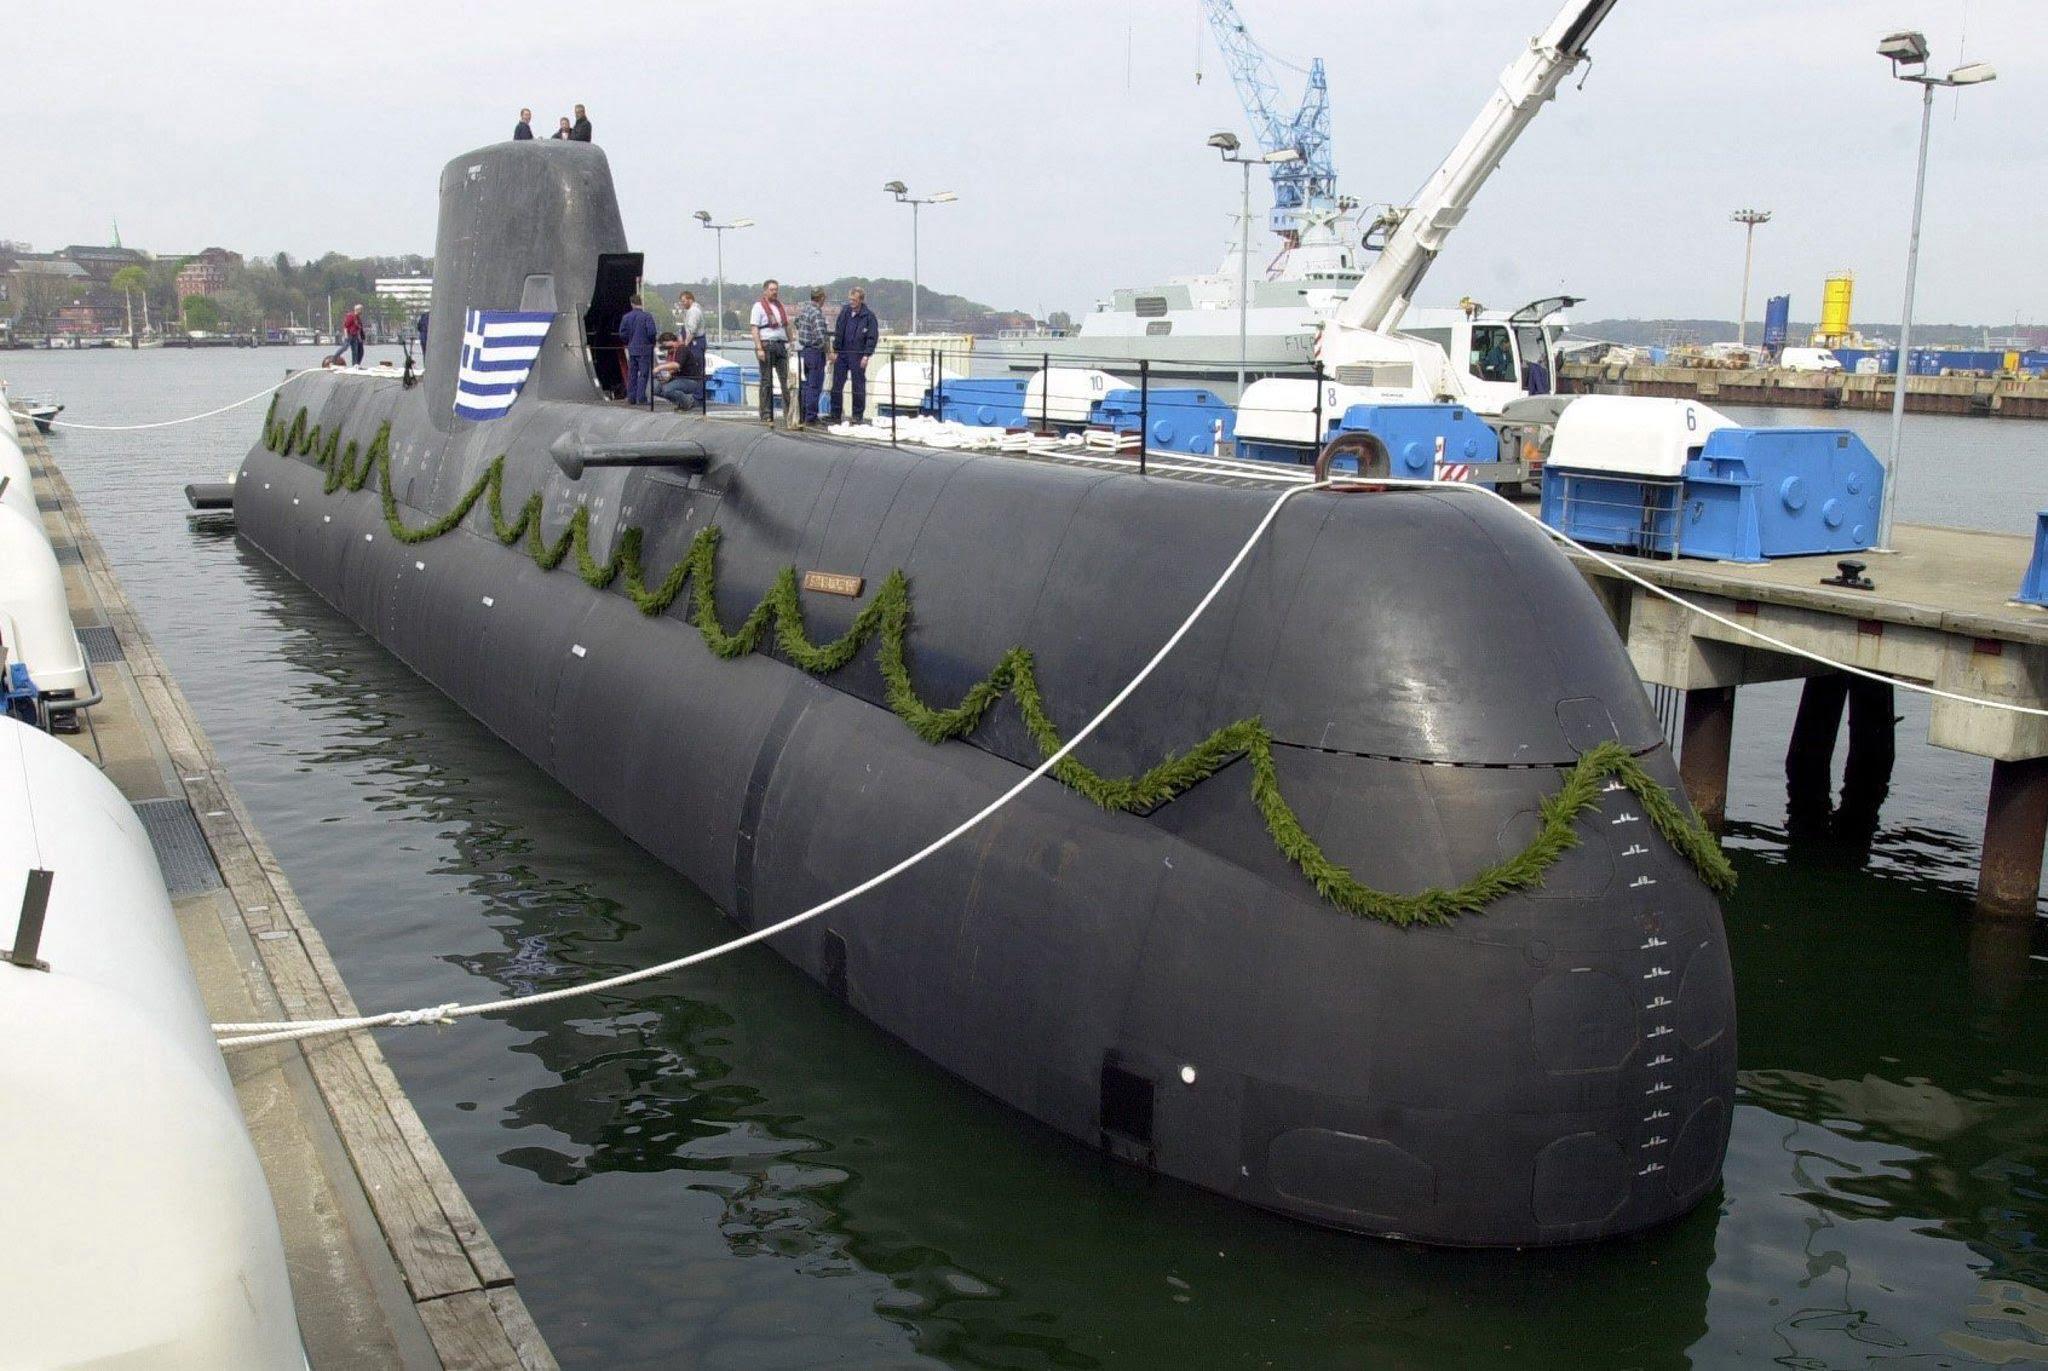 Ώρα να ξεκινήσουμε μια συνδυασμένη ναυτική ομάδα στην Μεσόγειο